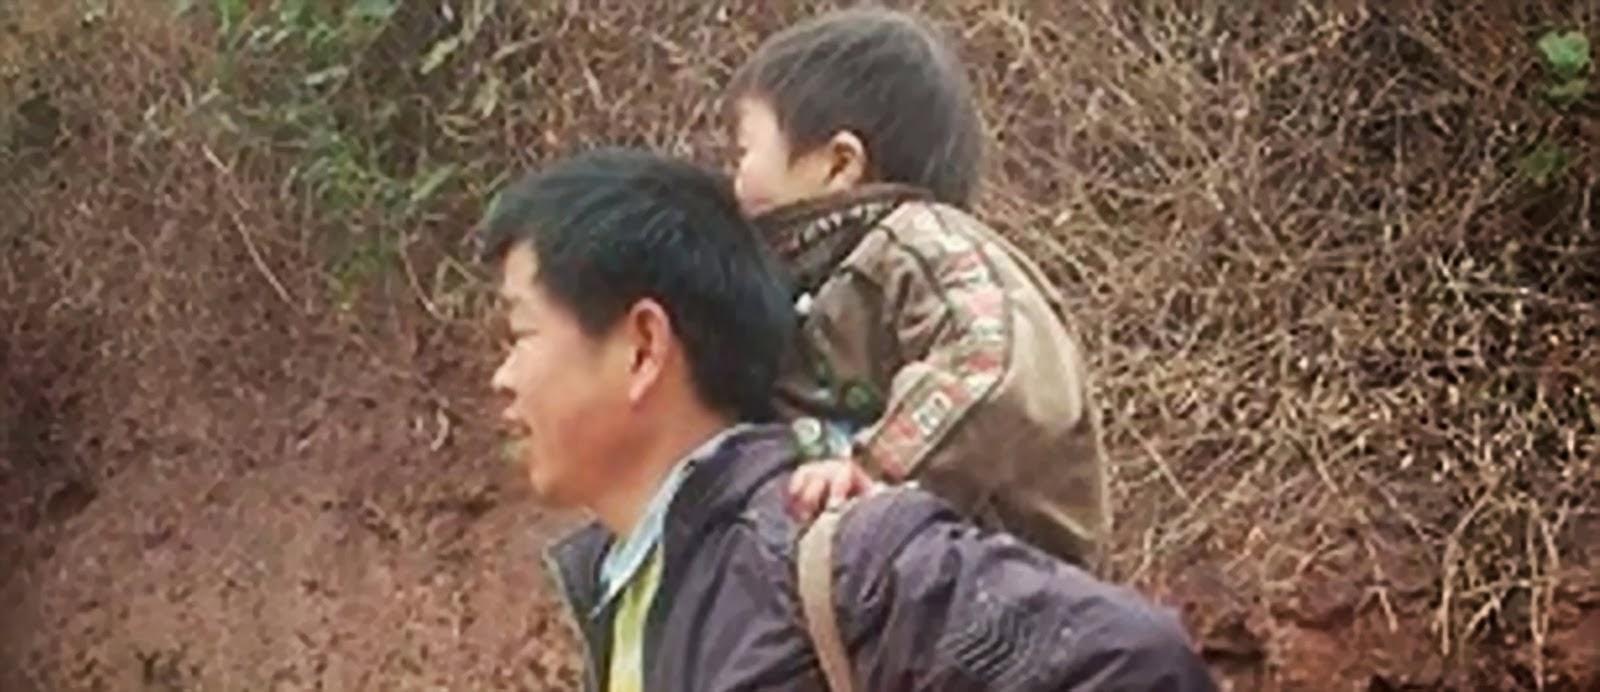 6+Kisah+Mengharukan+Tekad+Sang+Ayah+untuk+Menyekolahkan+Anak+Difabelnya 28 Km Menggendong Anak Difabel ke Sekolah